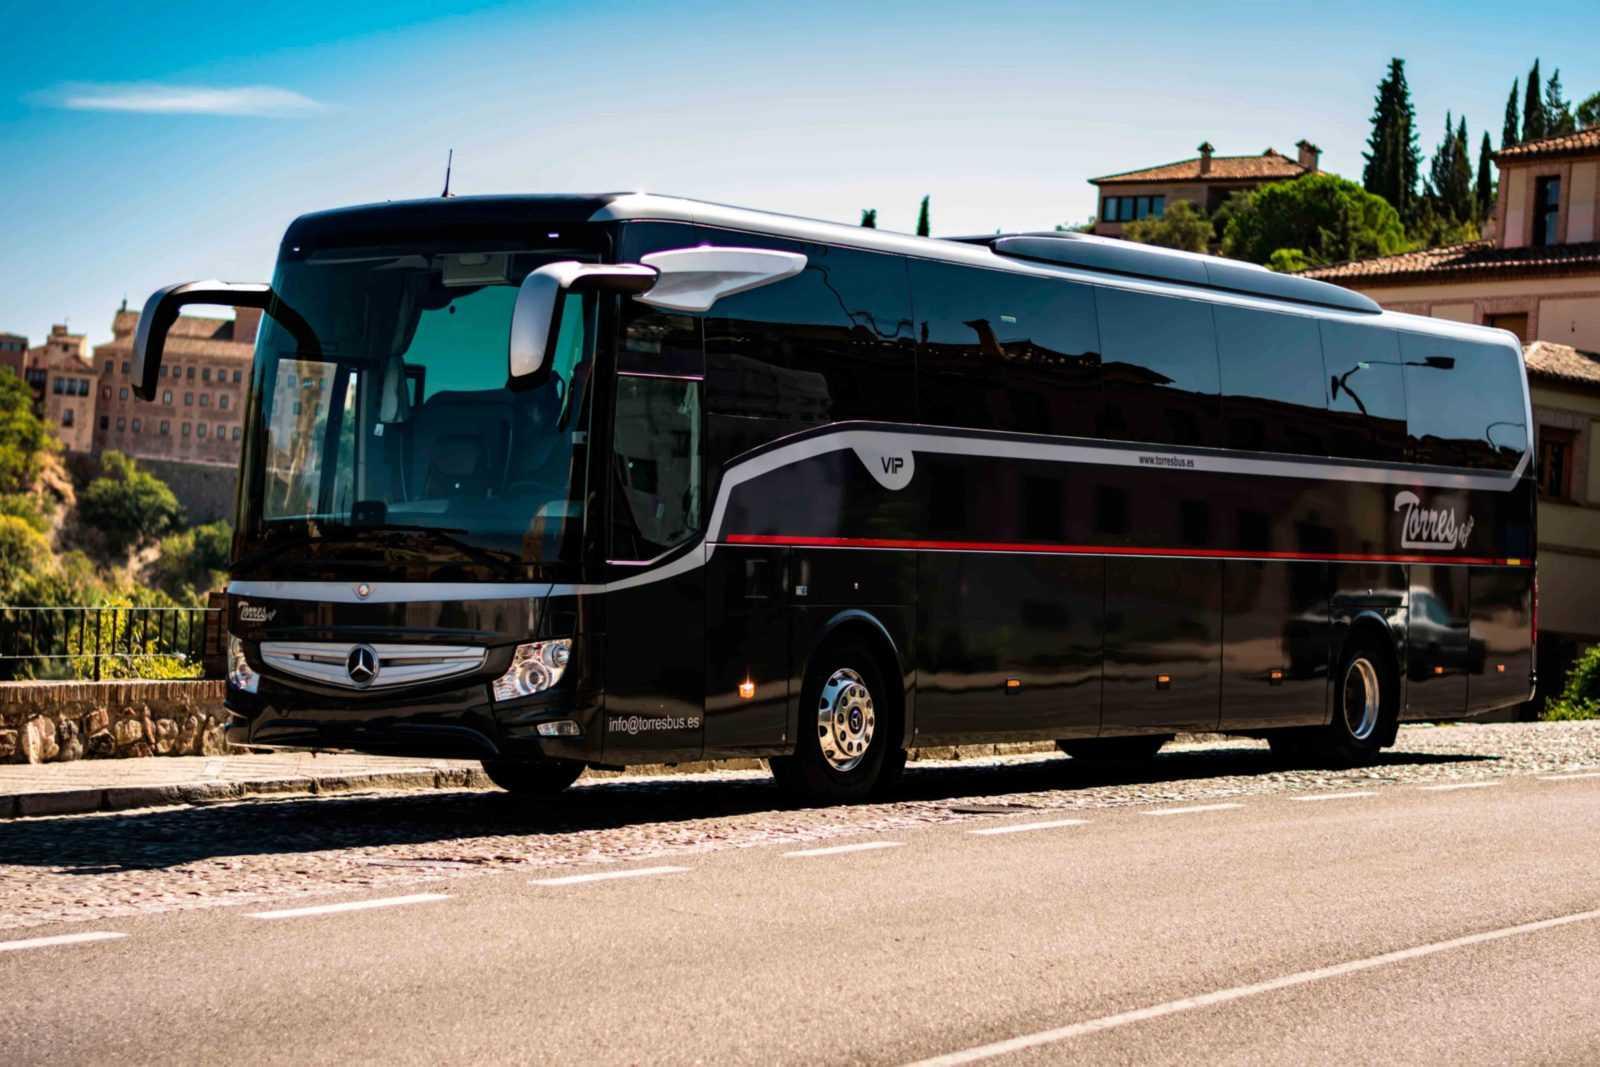 Alquiler de autobuses, autocares, microbuses y minibuses en Madrid